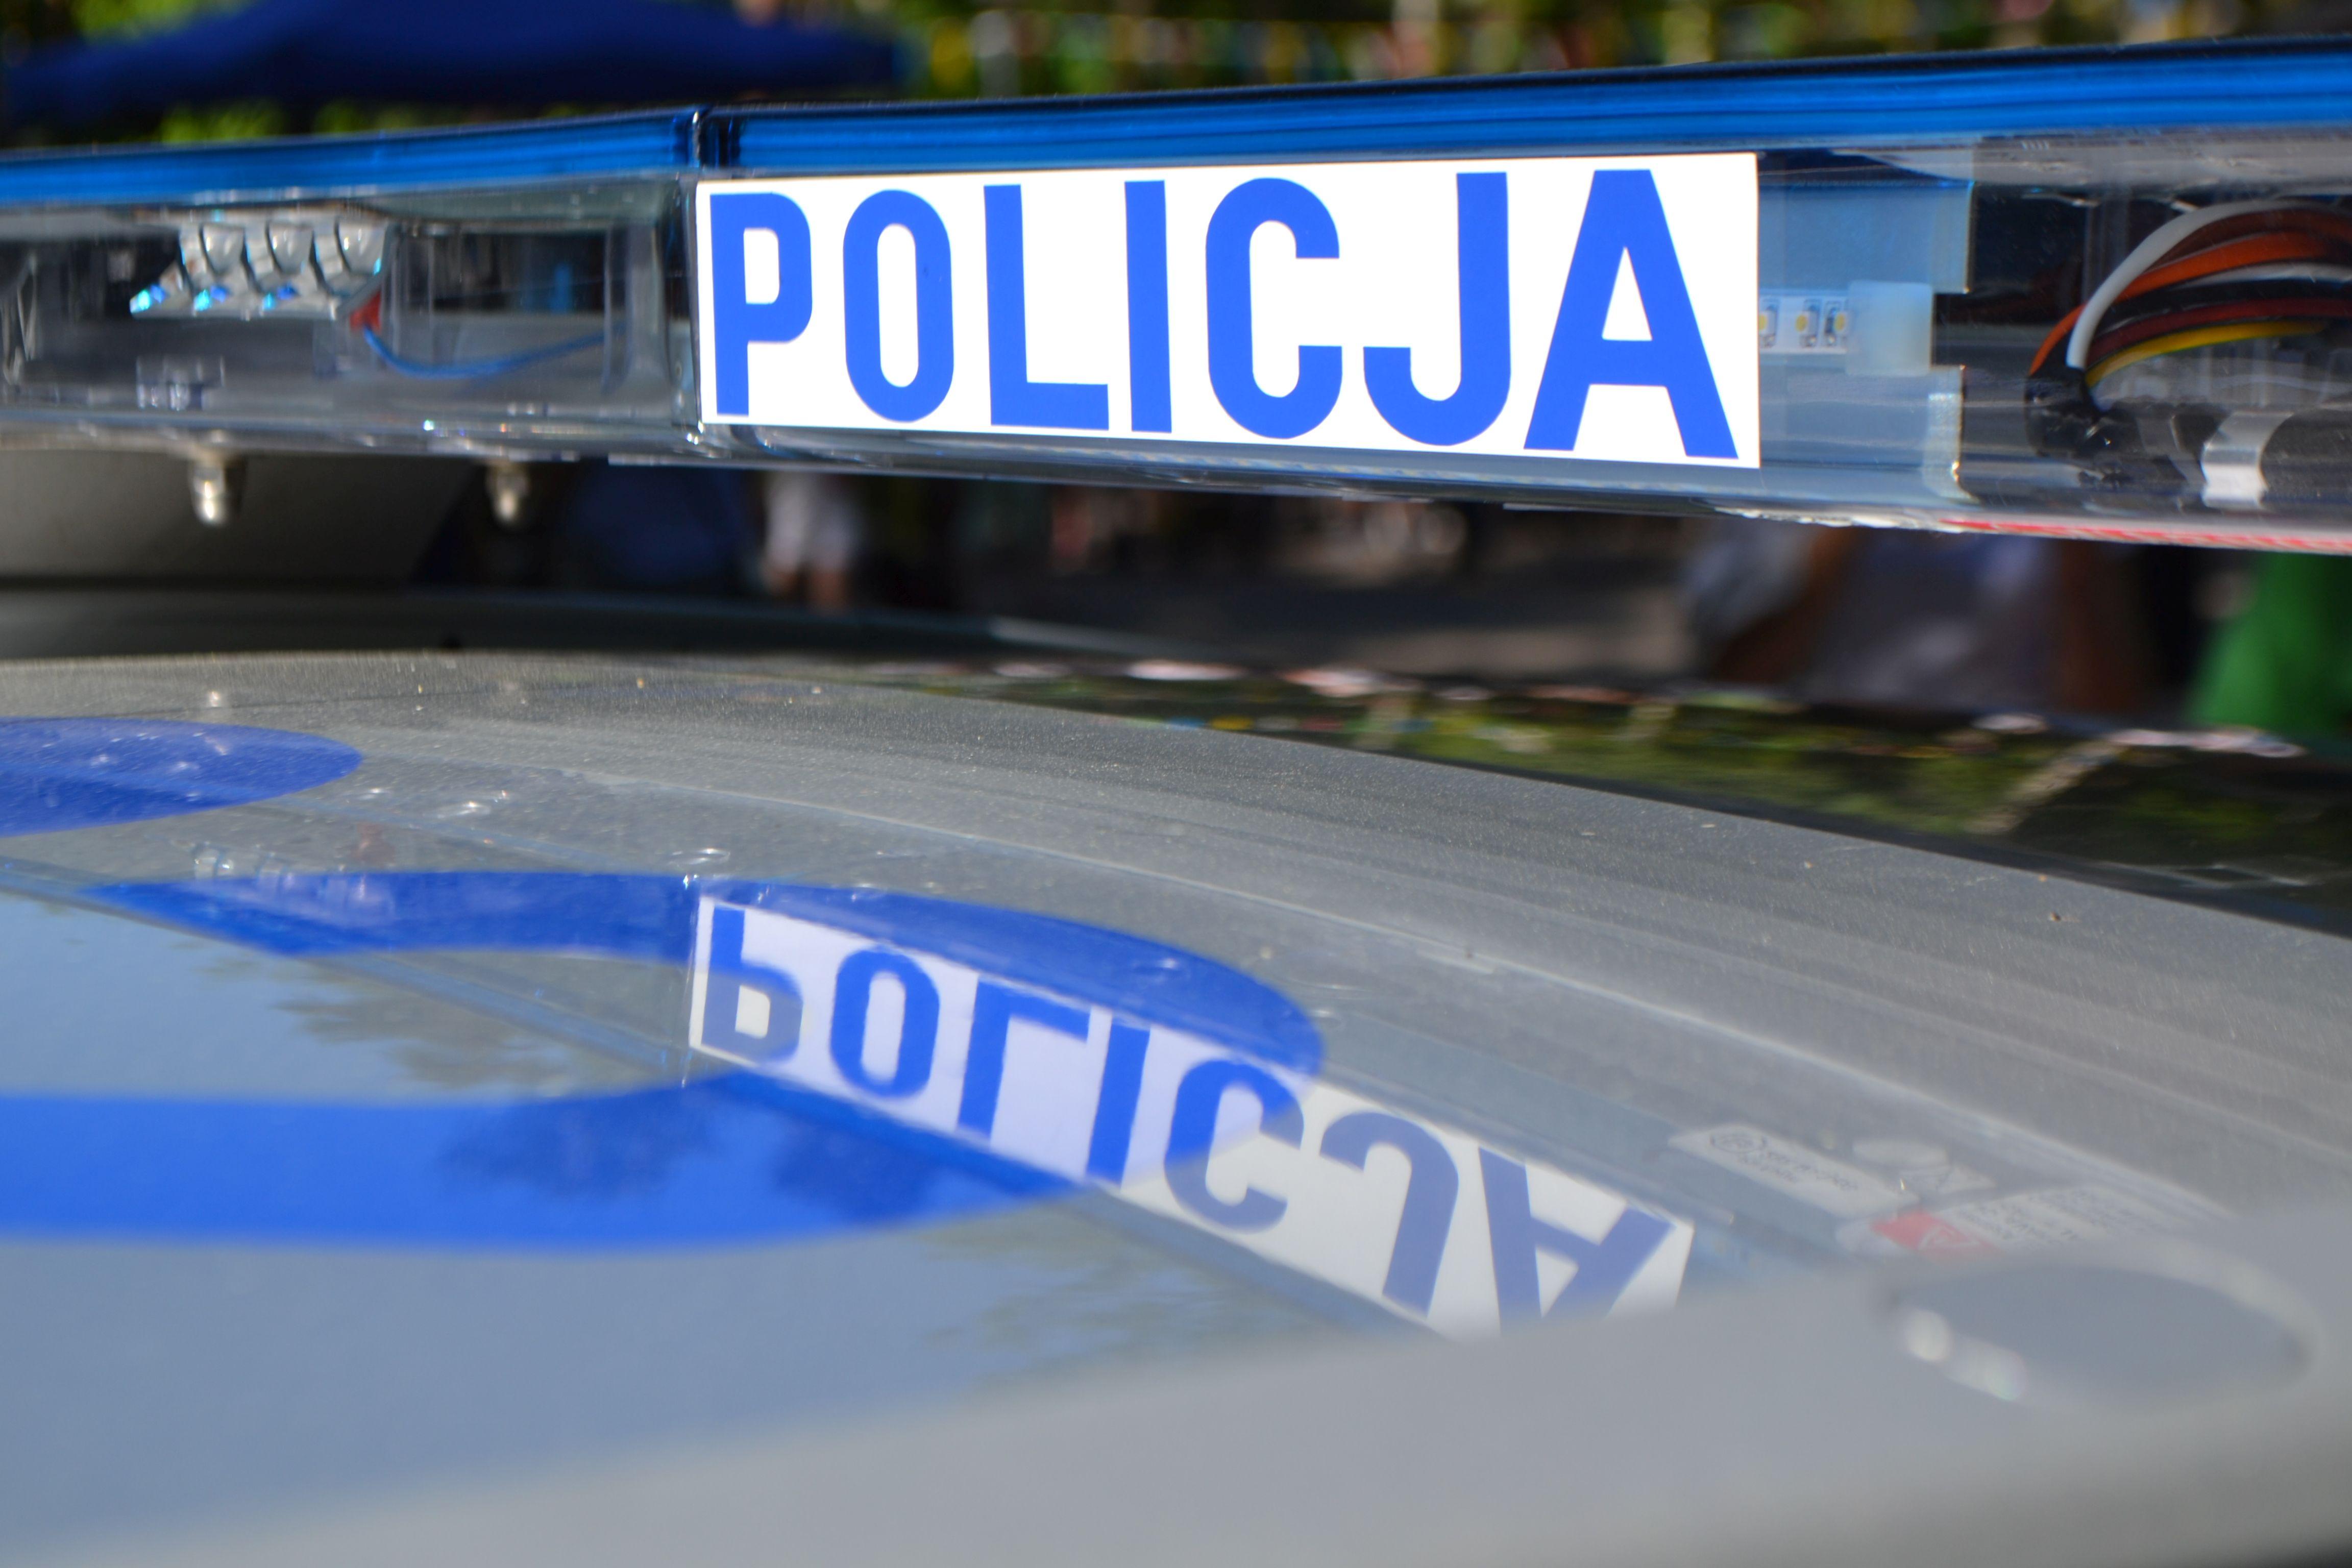 Oszust podawał się za policjanta i chciał wyłudzić pieniądze